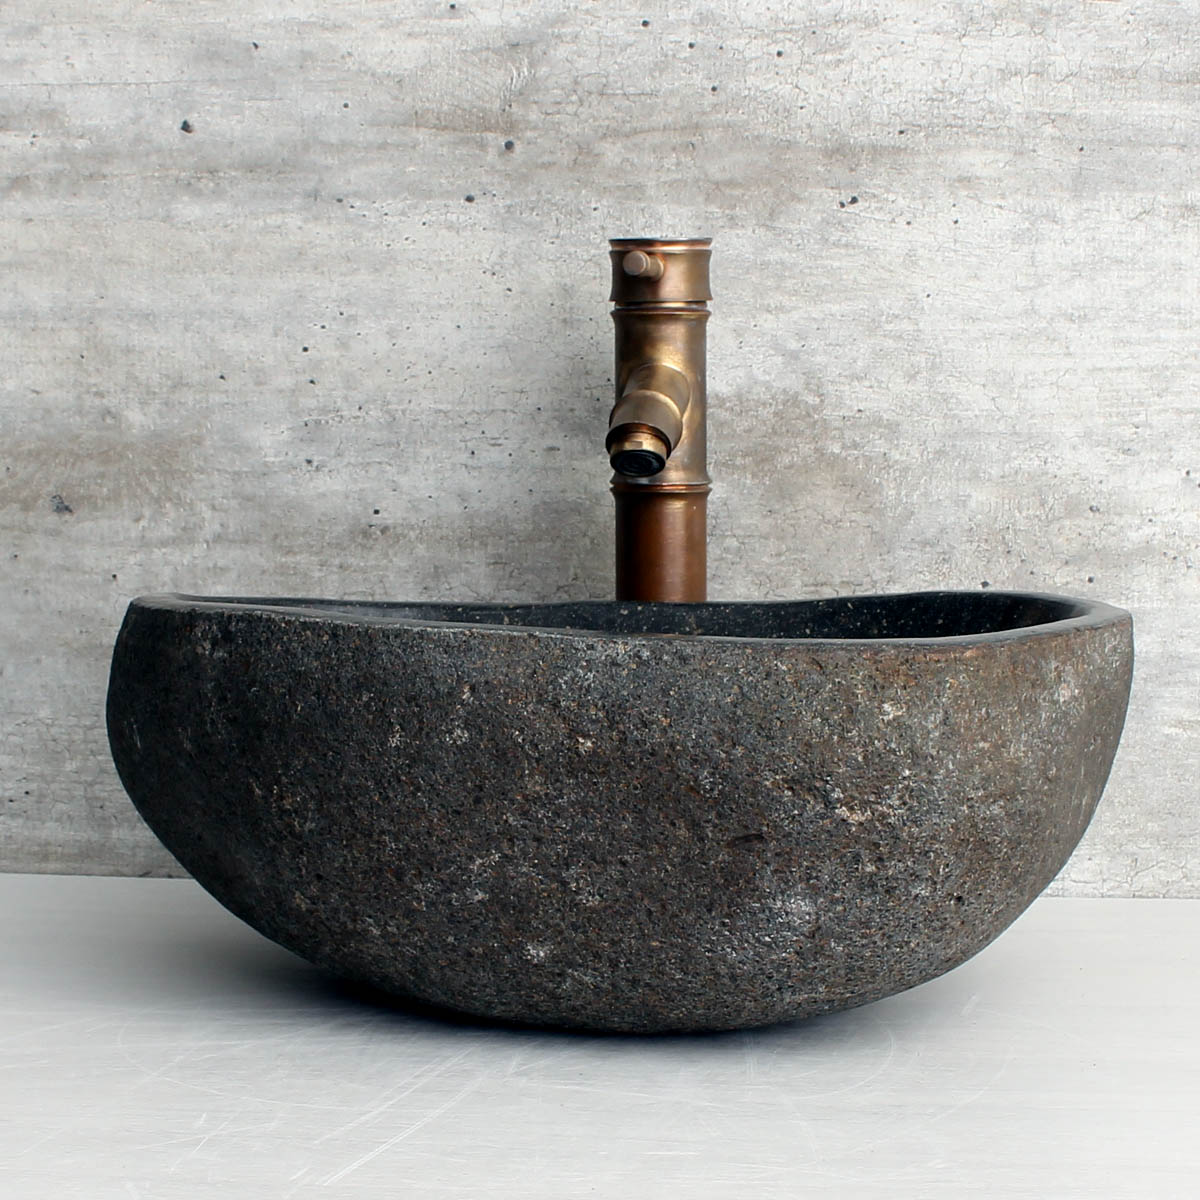 Cuba de Banheiro em Pedra Natural RM1119 41x35x15cm